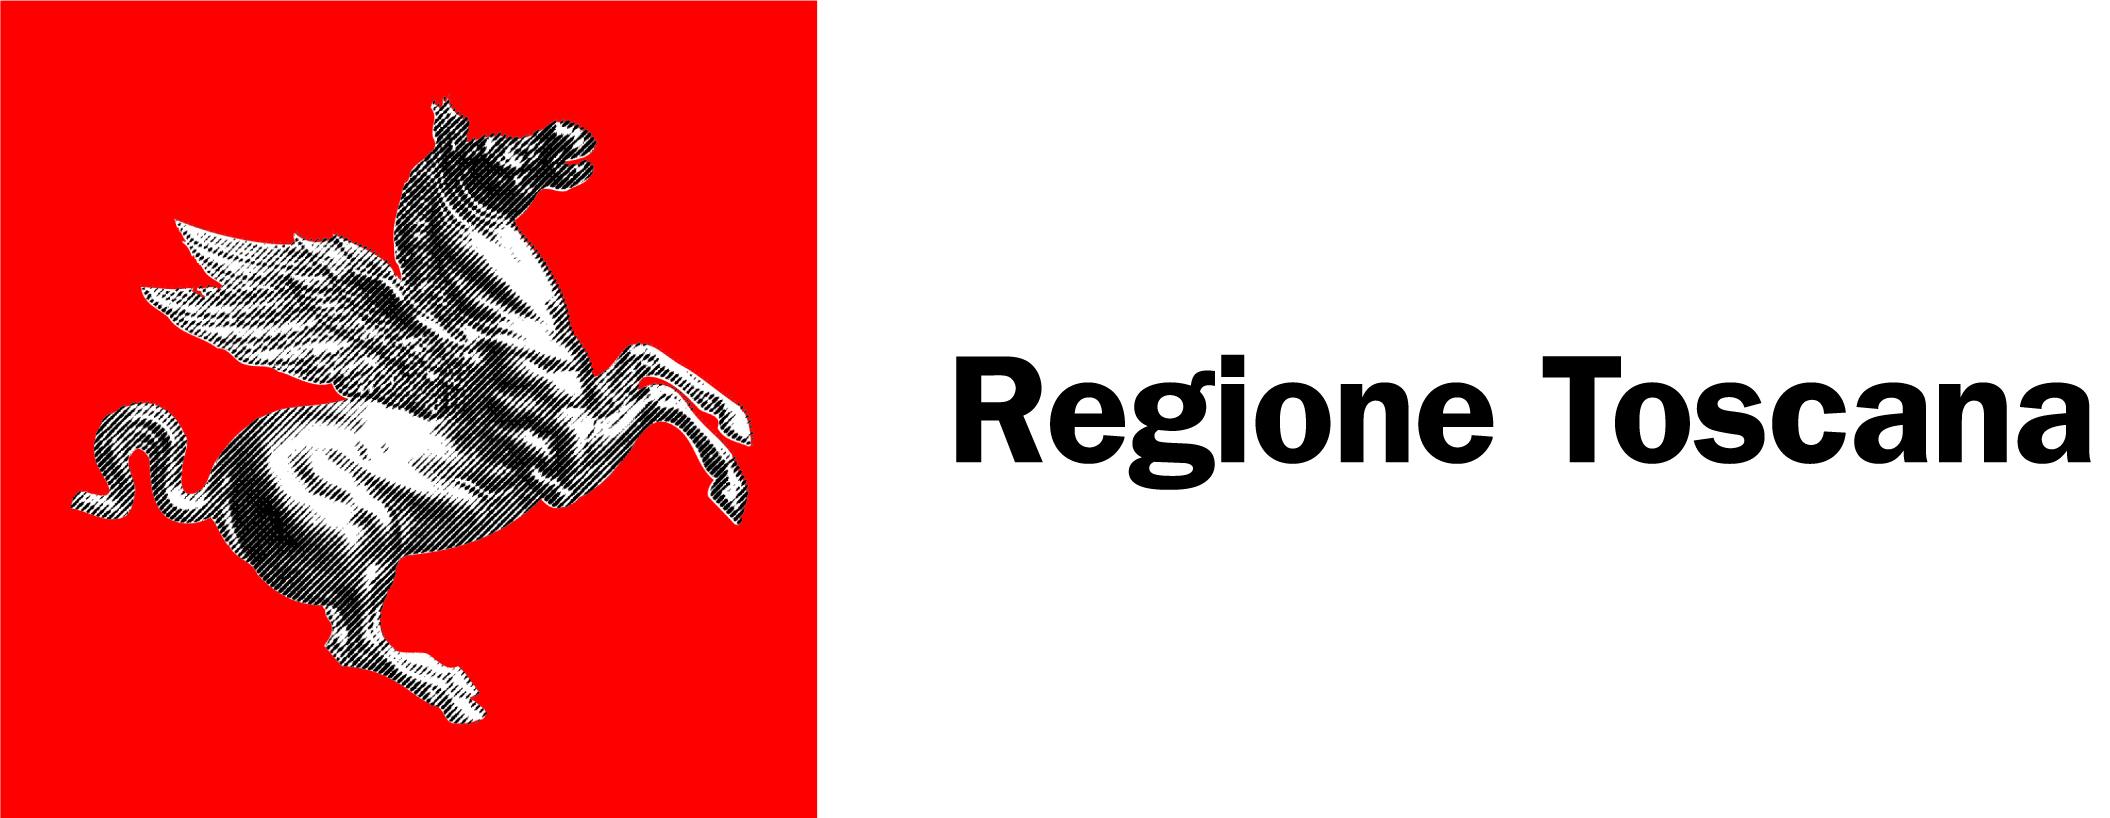 Marchio_Regione_Toscana_sn (1).jpg